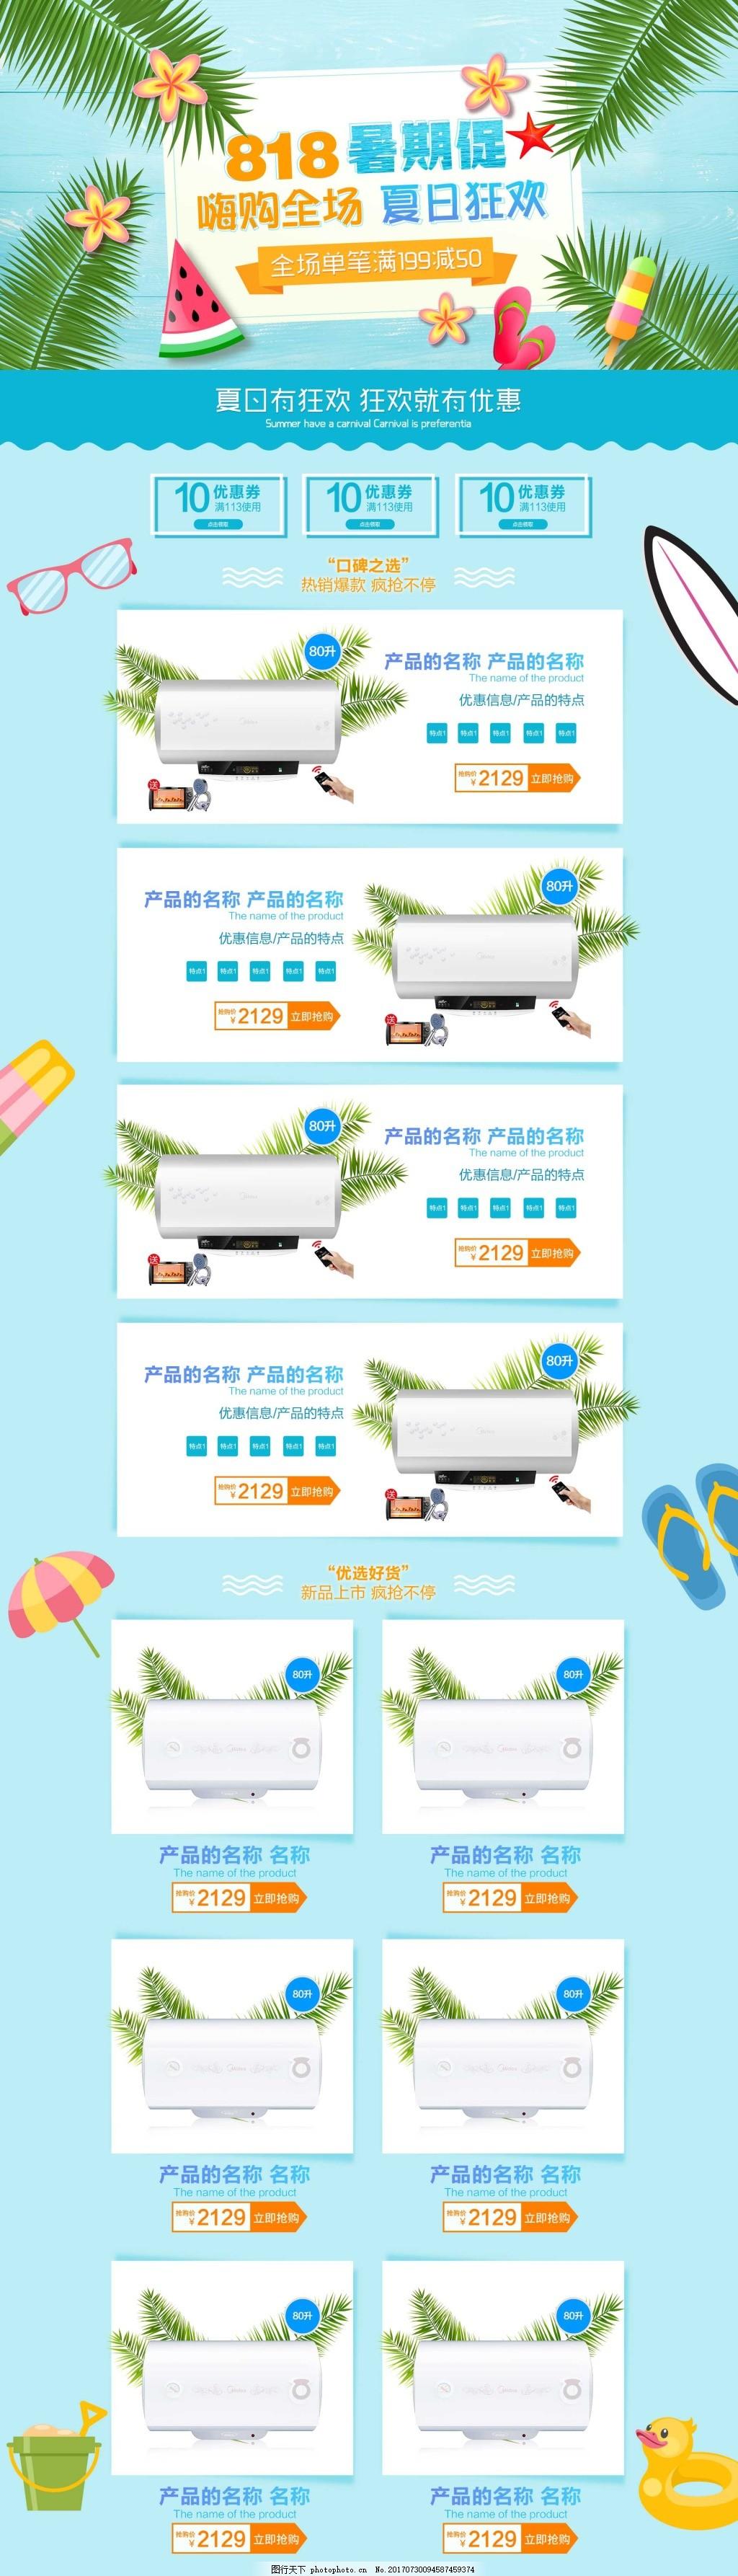 电商淘宝天猫818暑期促销淘宝首页模板